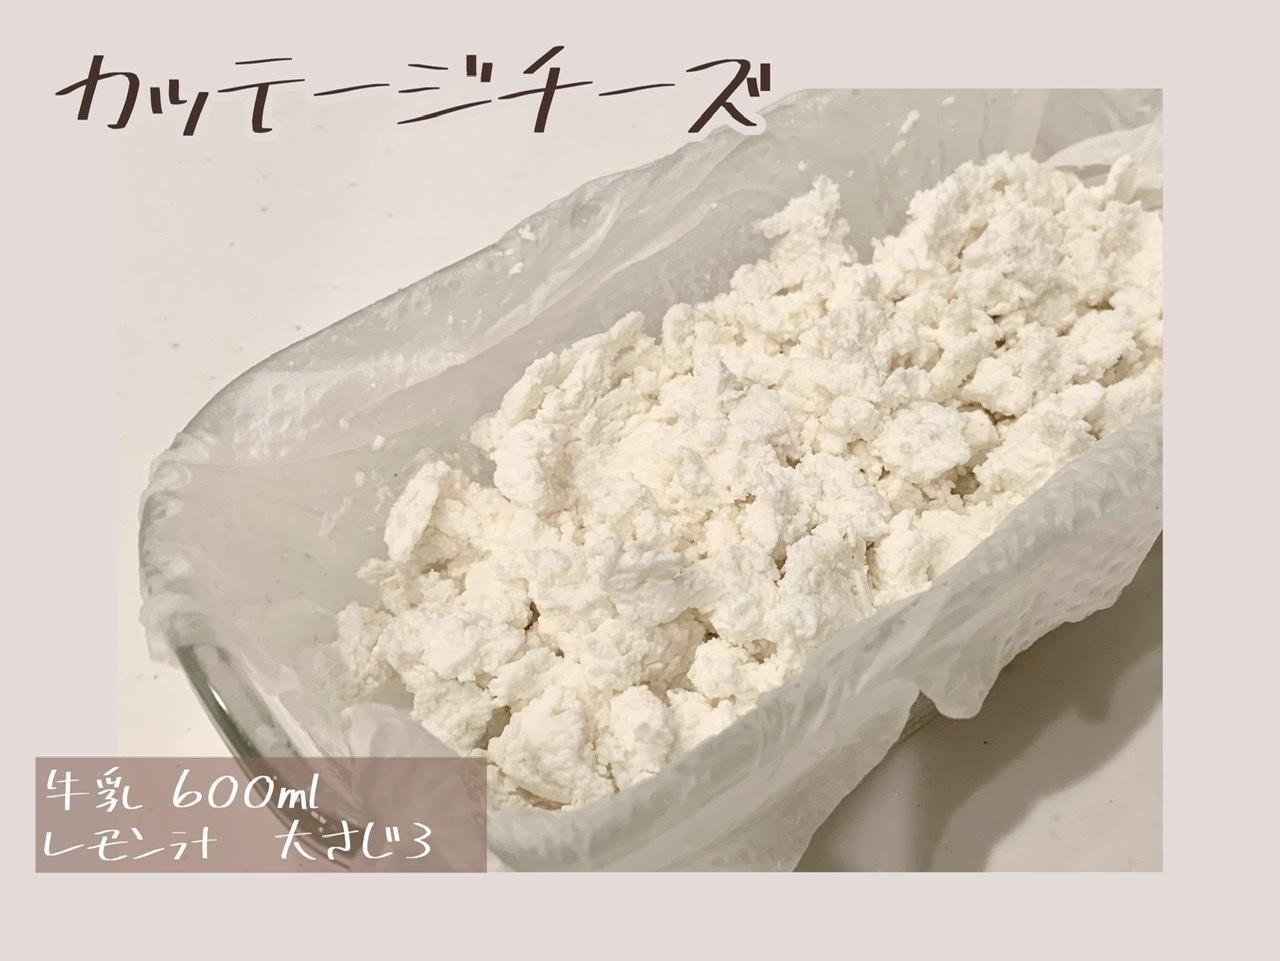 【レシピ:自家製チーズ】ひと手間かければ安上がり!?_1